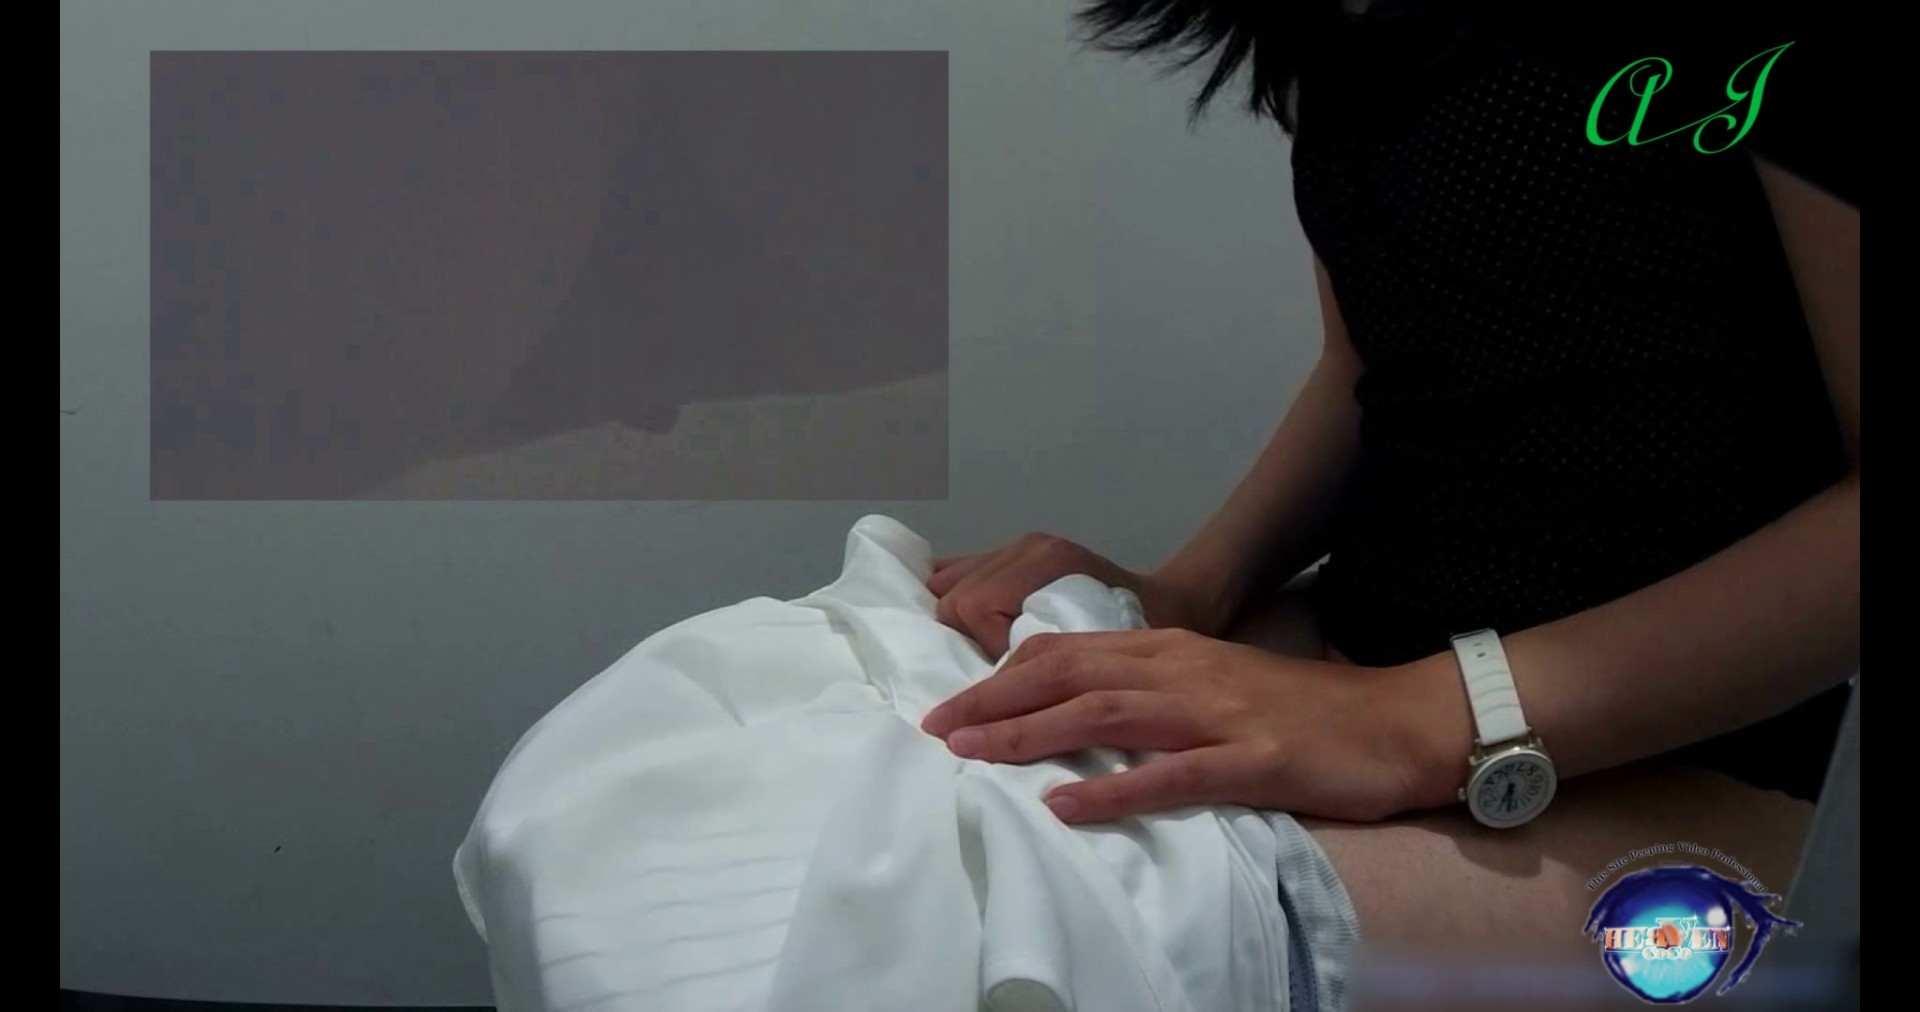 素敵なパンストお姉さん 有名大学女性洗面所 vol.73 投稿 AV無料 56PICs 29